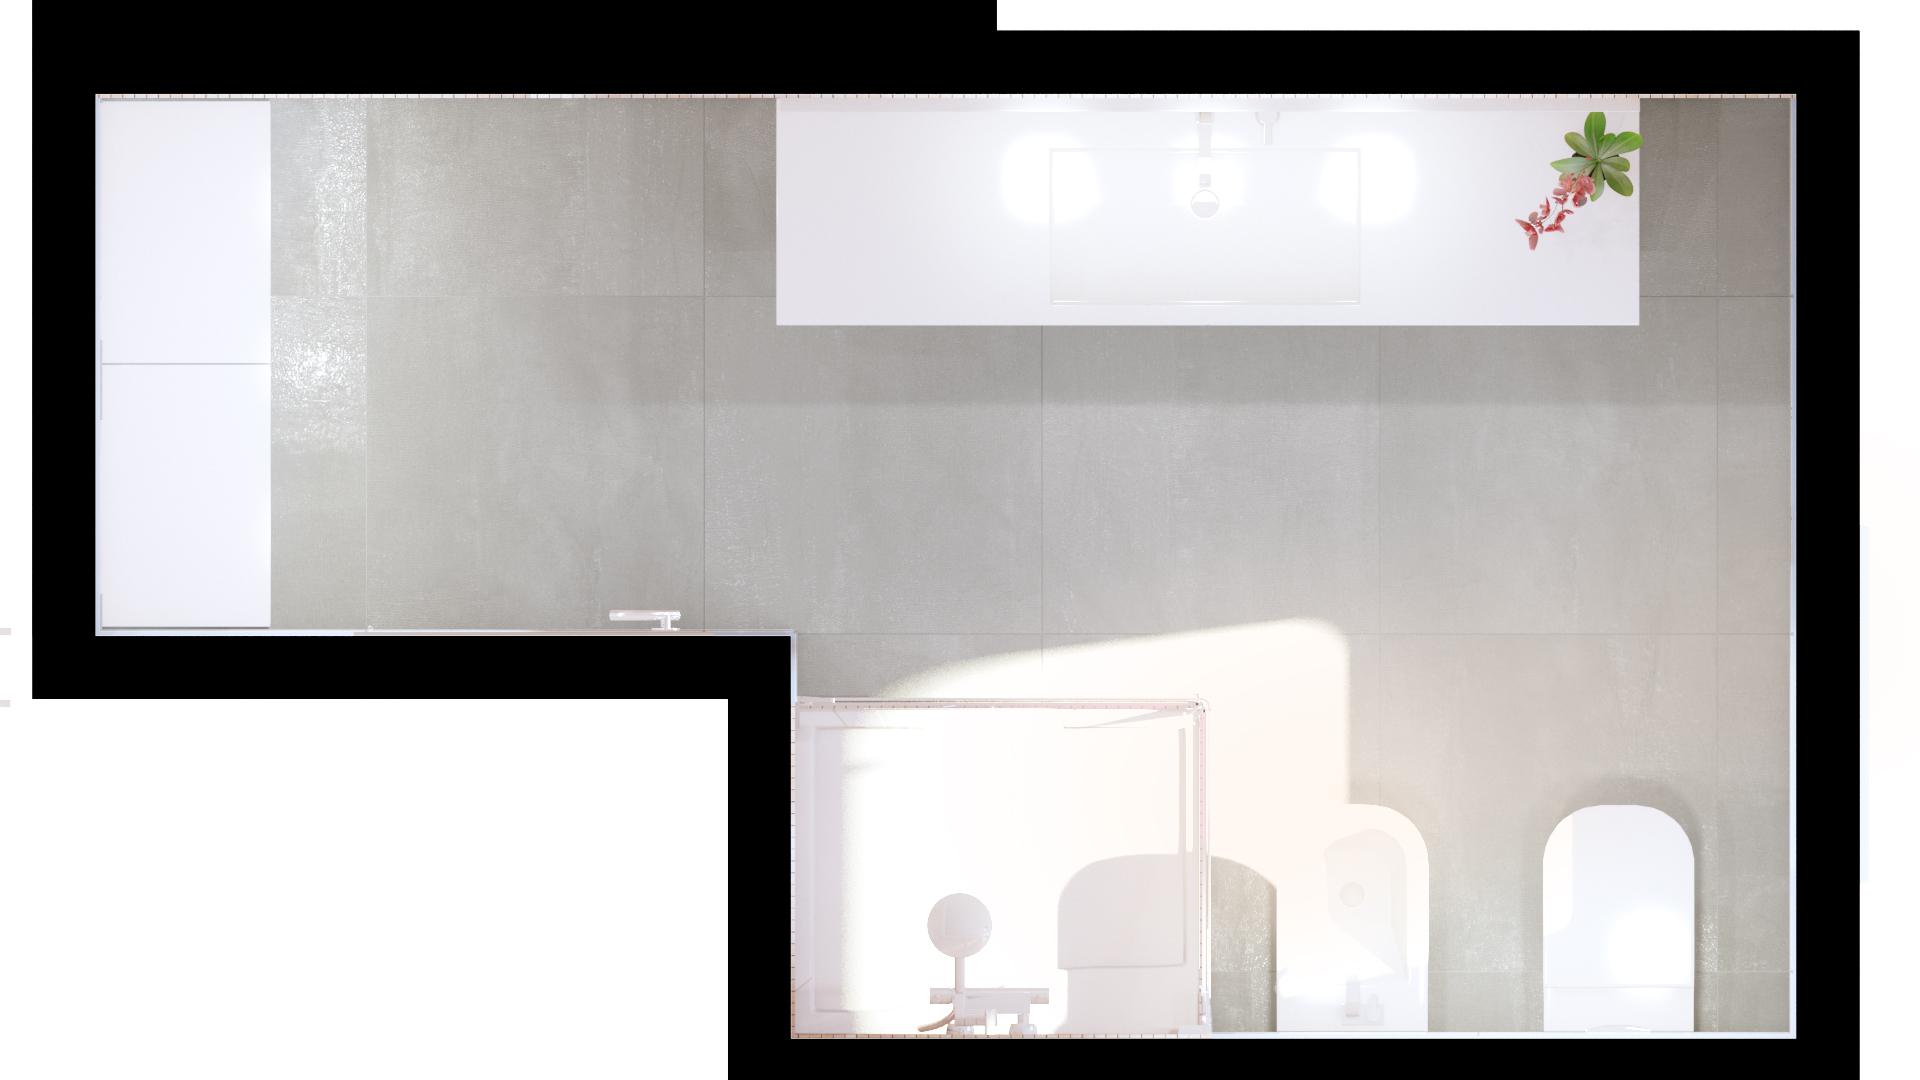 Studio Grafico Fattori_render interni_fotoinserimenti_pizzi ceramiche